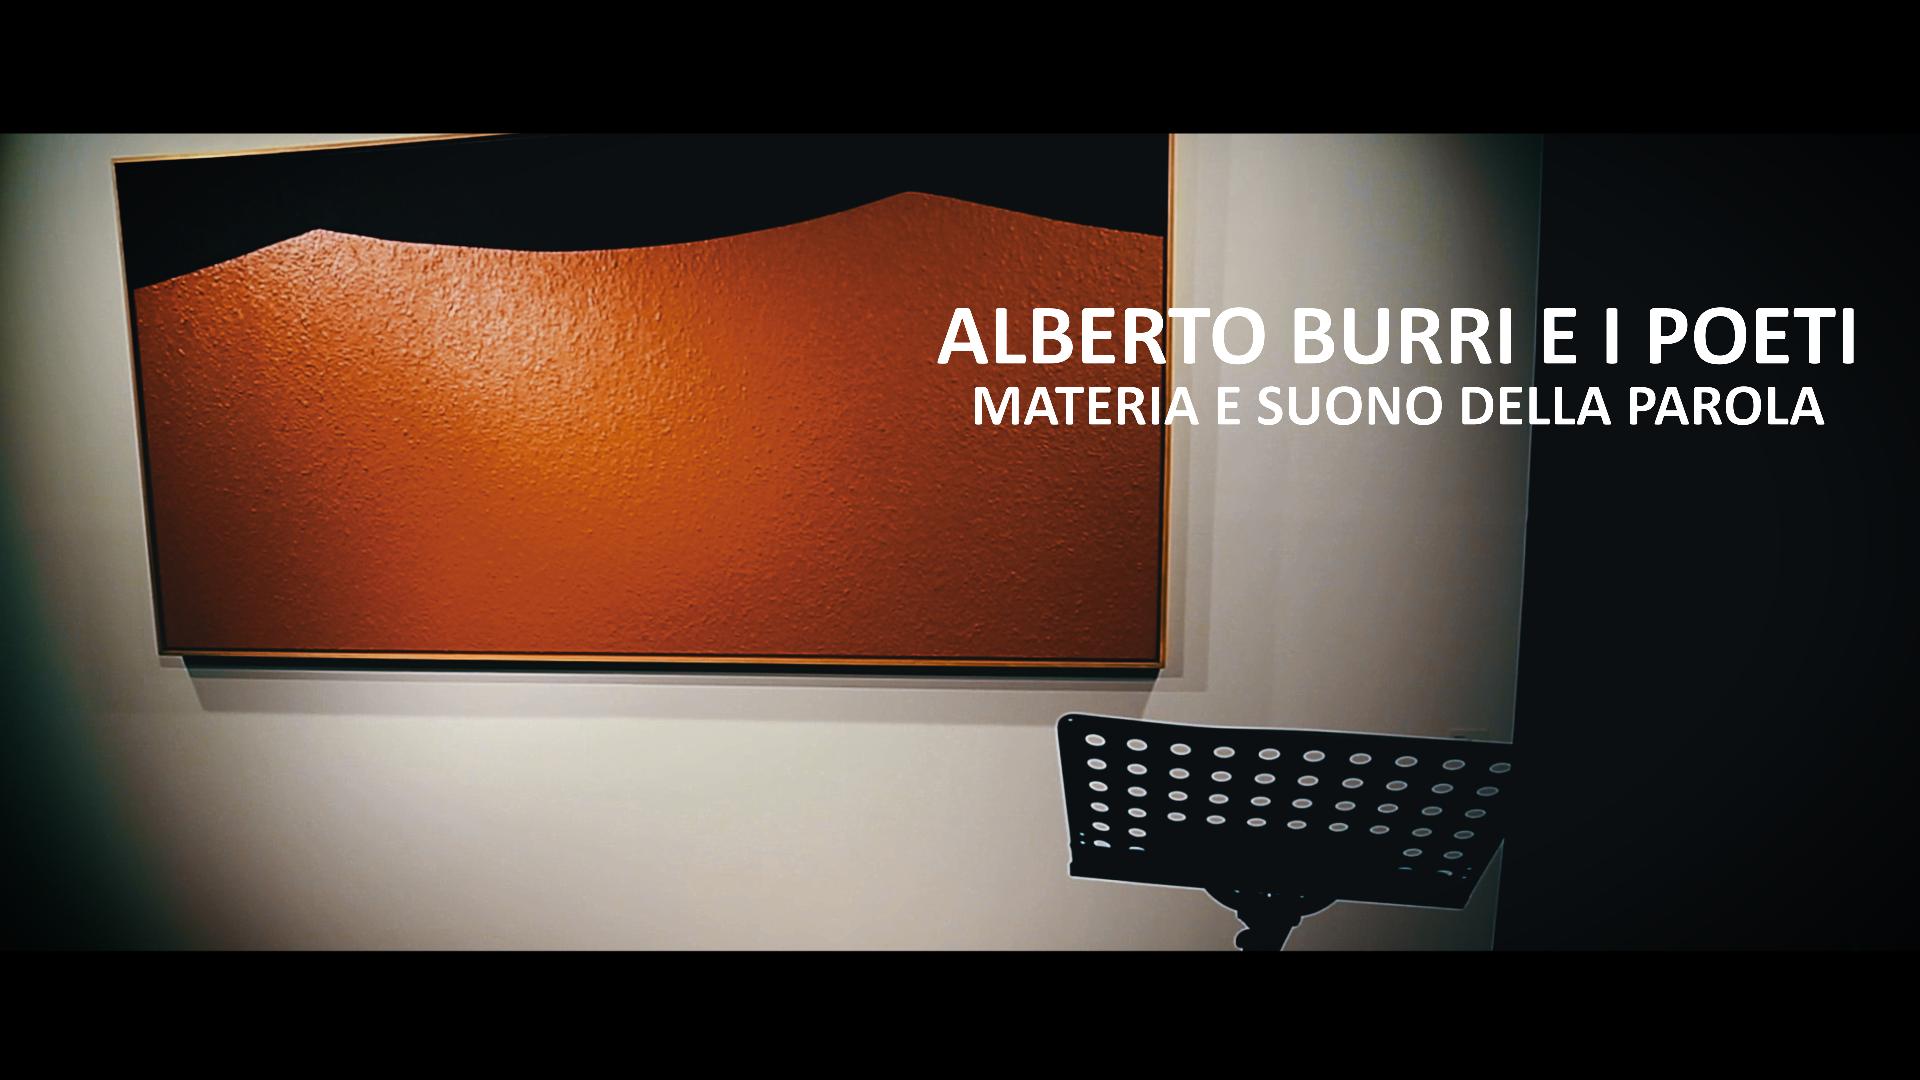 Alberto Burri e i poeti